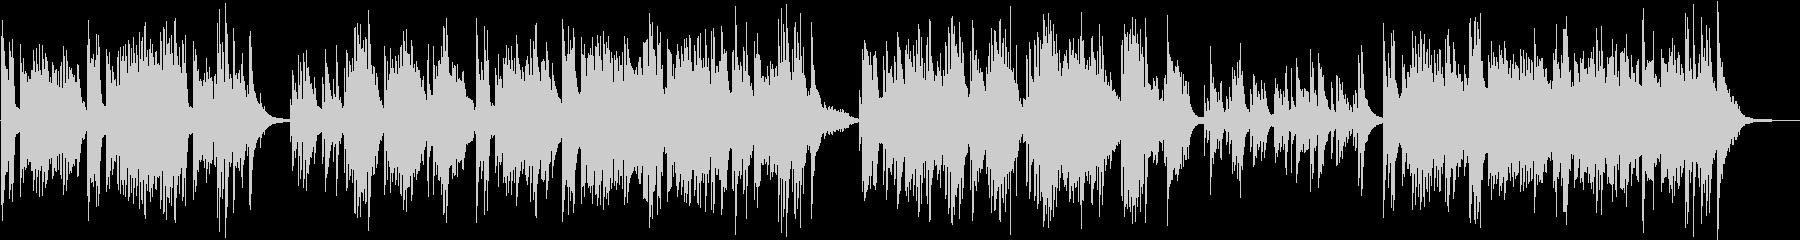 ピアノ演奏による卒業シーンの未再生の波形